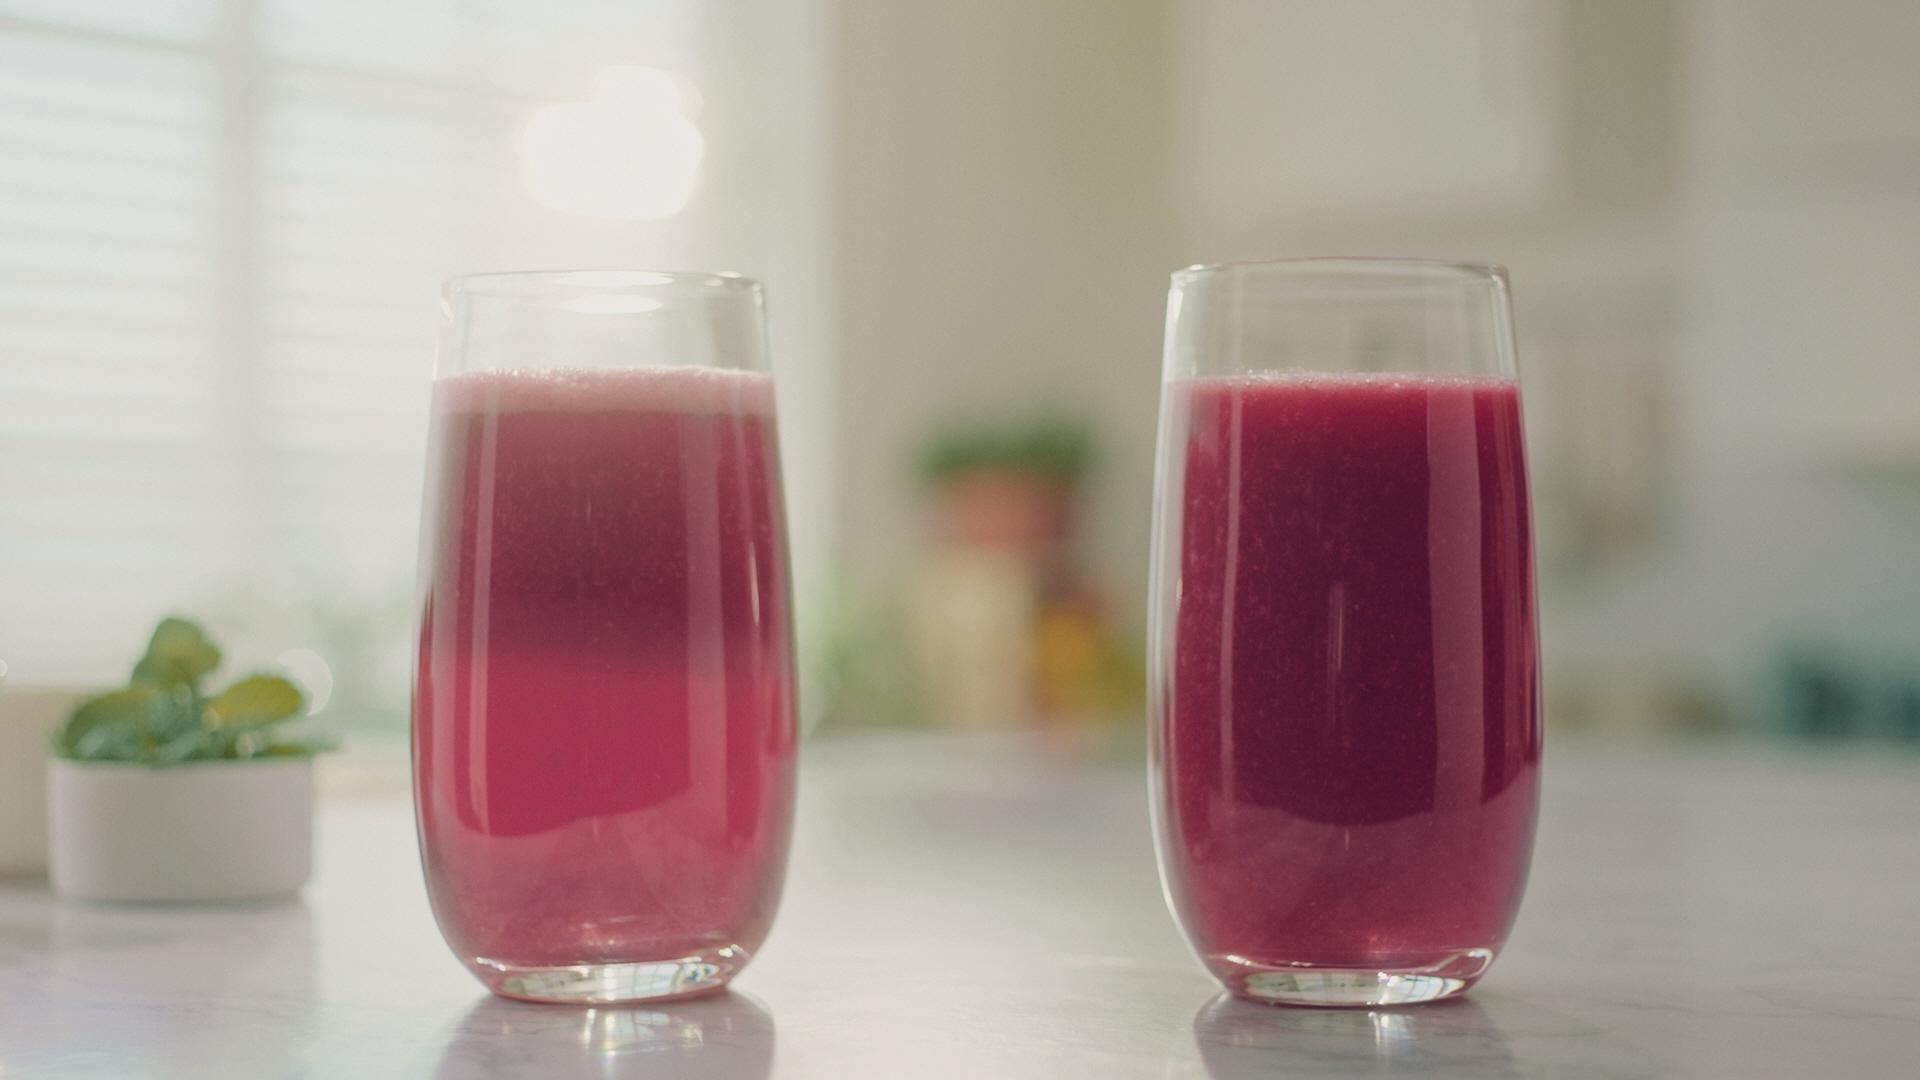 ▲ (좌)일반 블렌더로 만든 주스와 (우)필립스 진공 초고속 믹서기로 만든 주스 비교